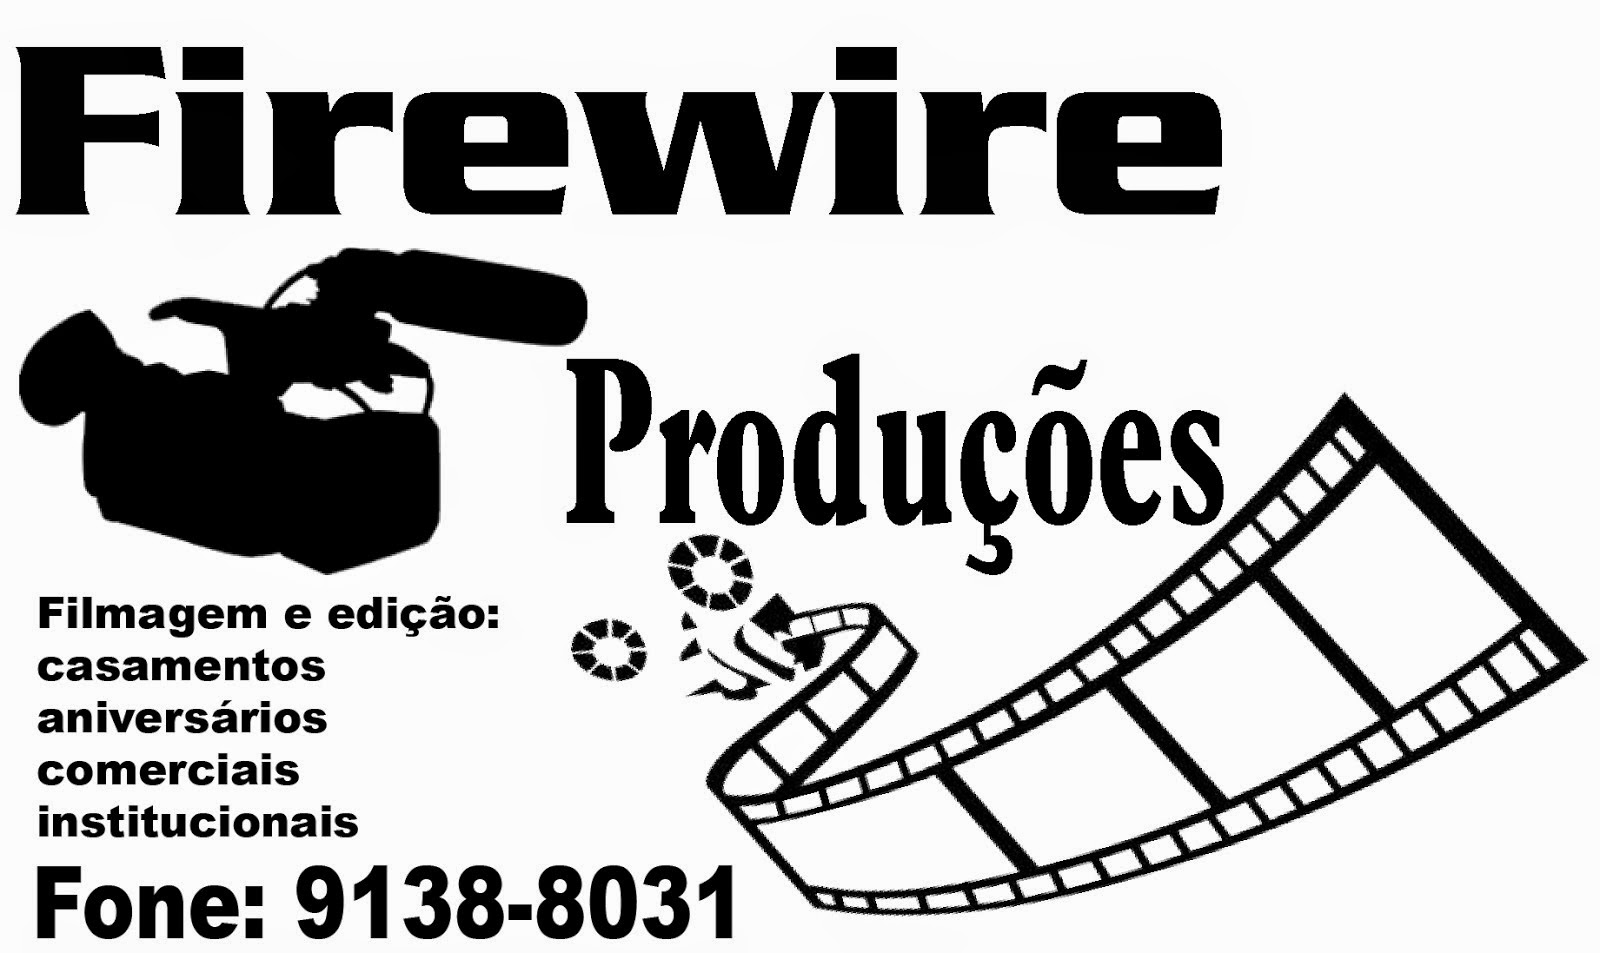 Firewire Produções e Comunicações.